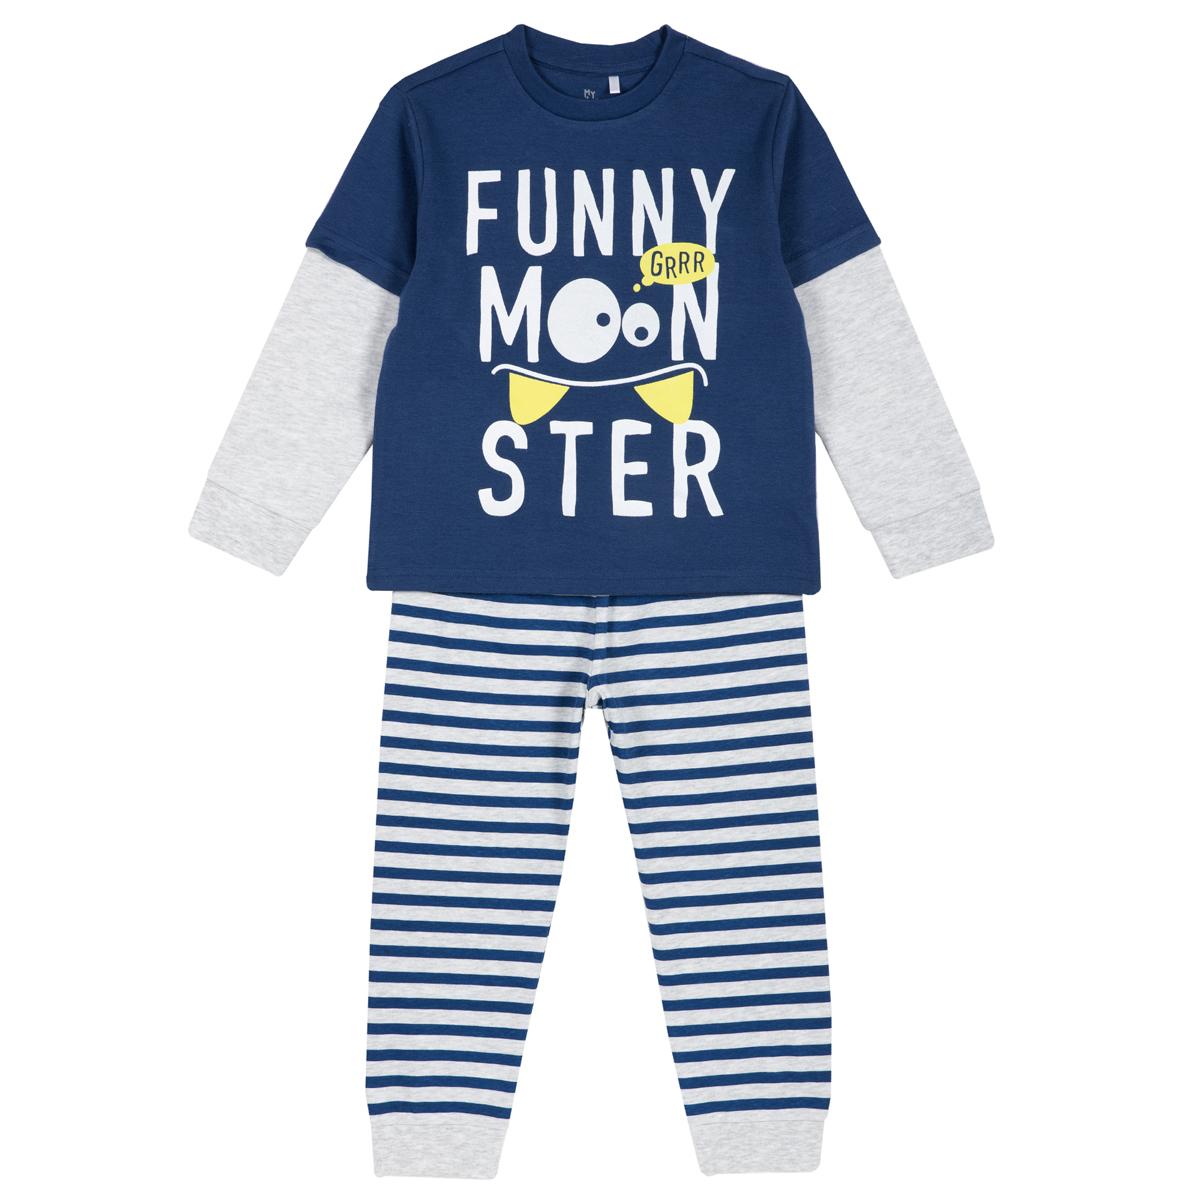 Pijama copii Chicco, maneca lunga, albastru, 31278 din categoria Pijamale copii